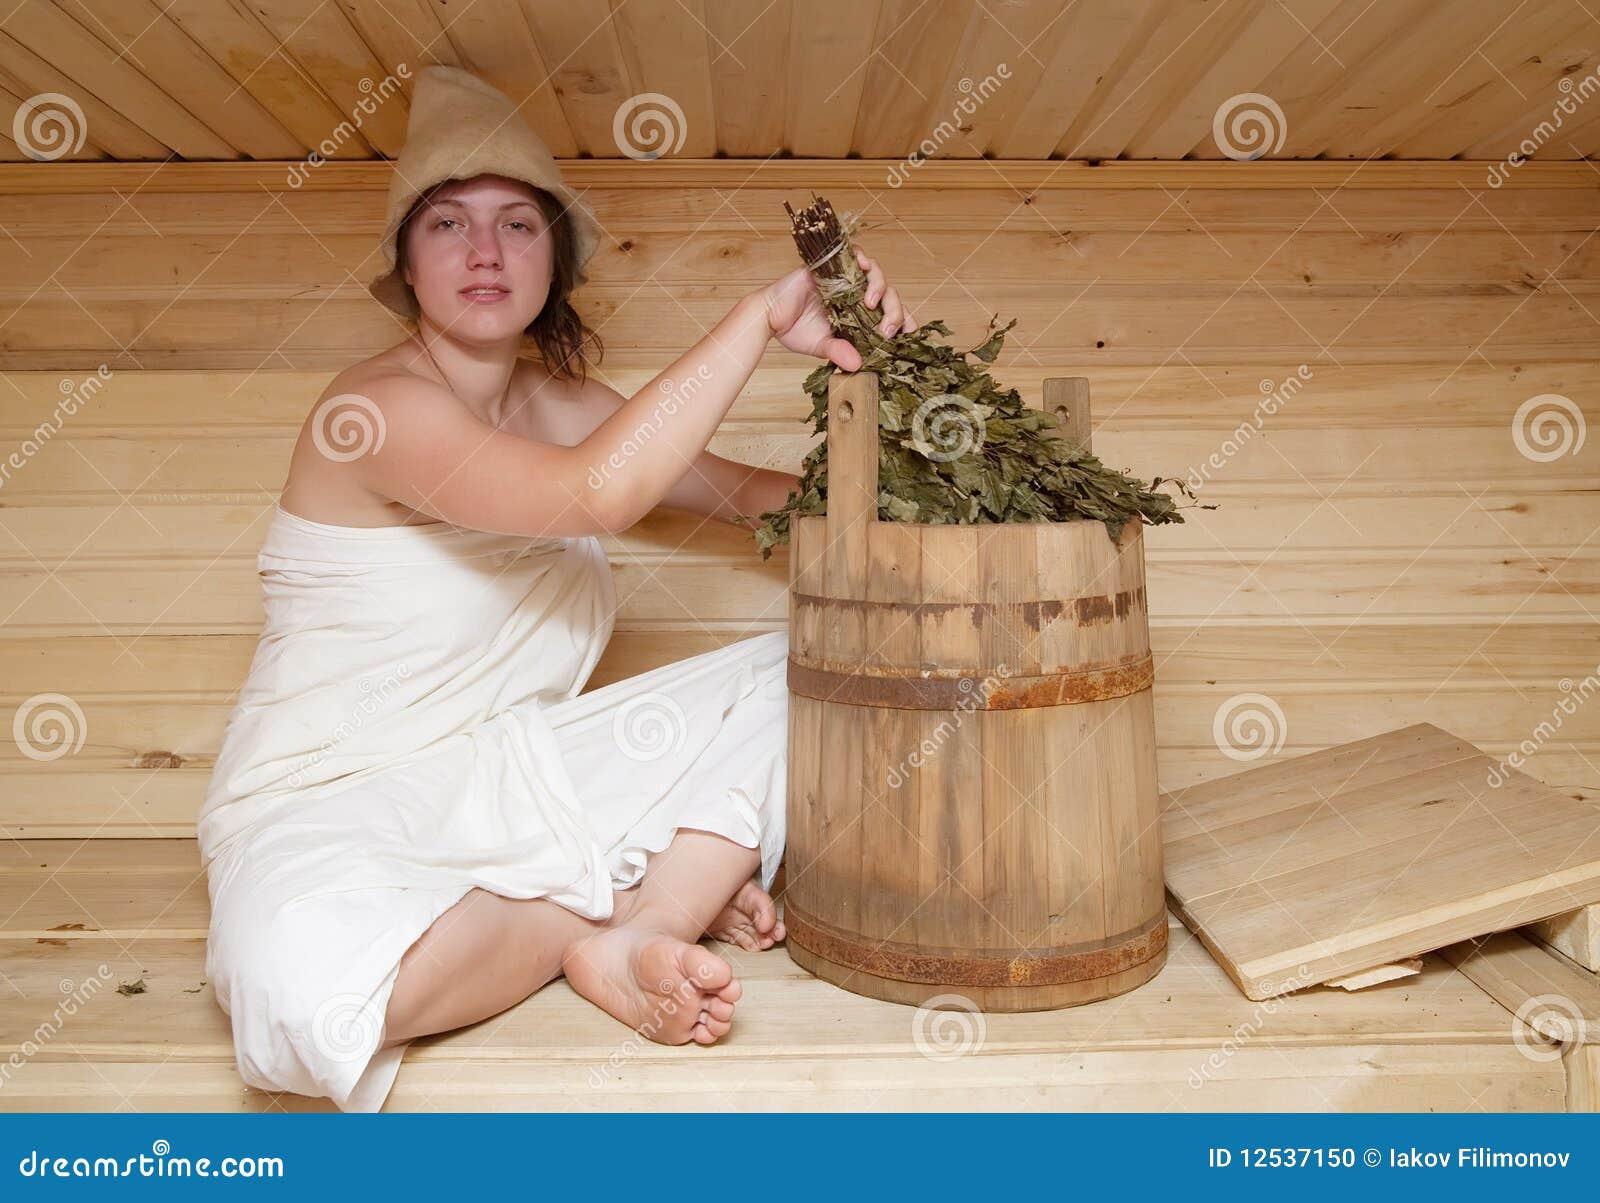 Русская женщина в бане фото, Жена в бане. Фото русских голых жен в сауне сделанное 24 фотография